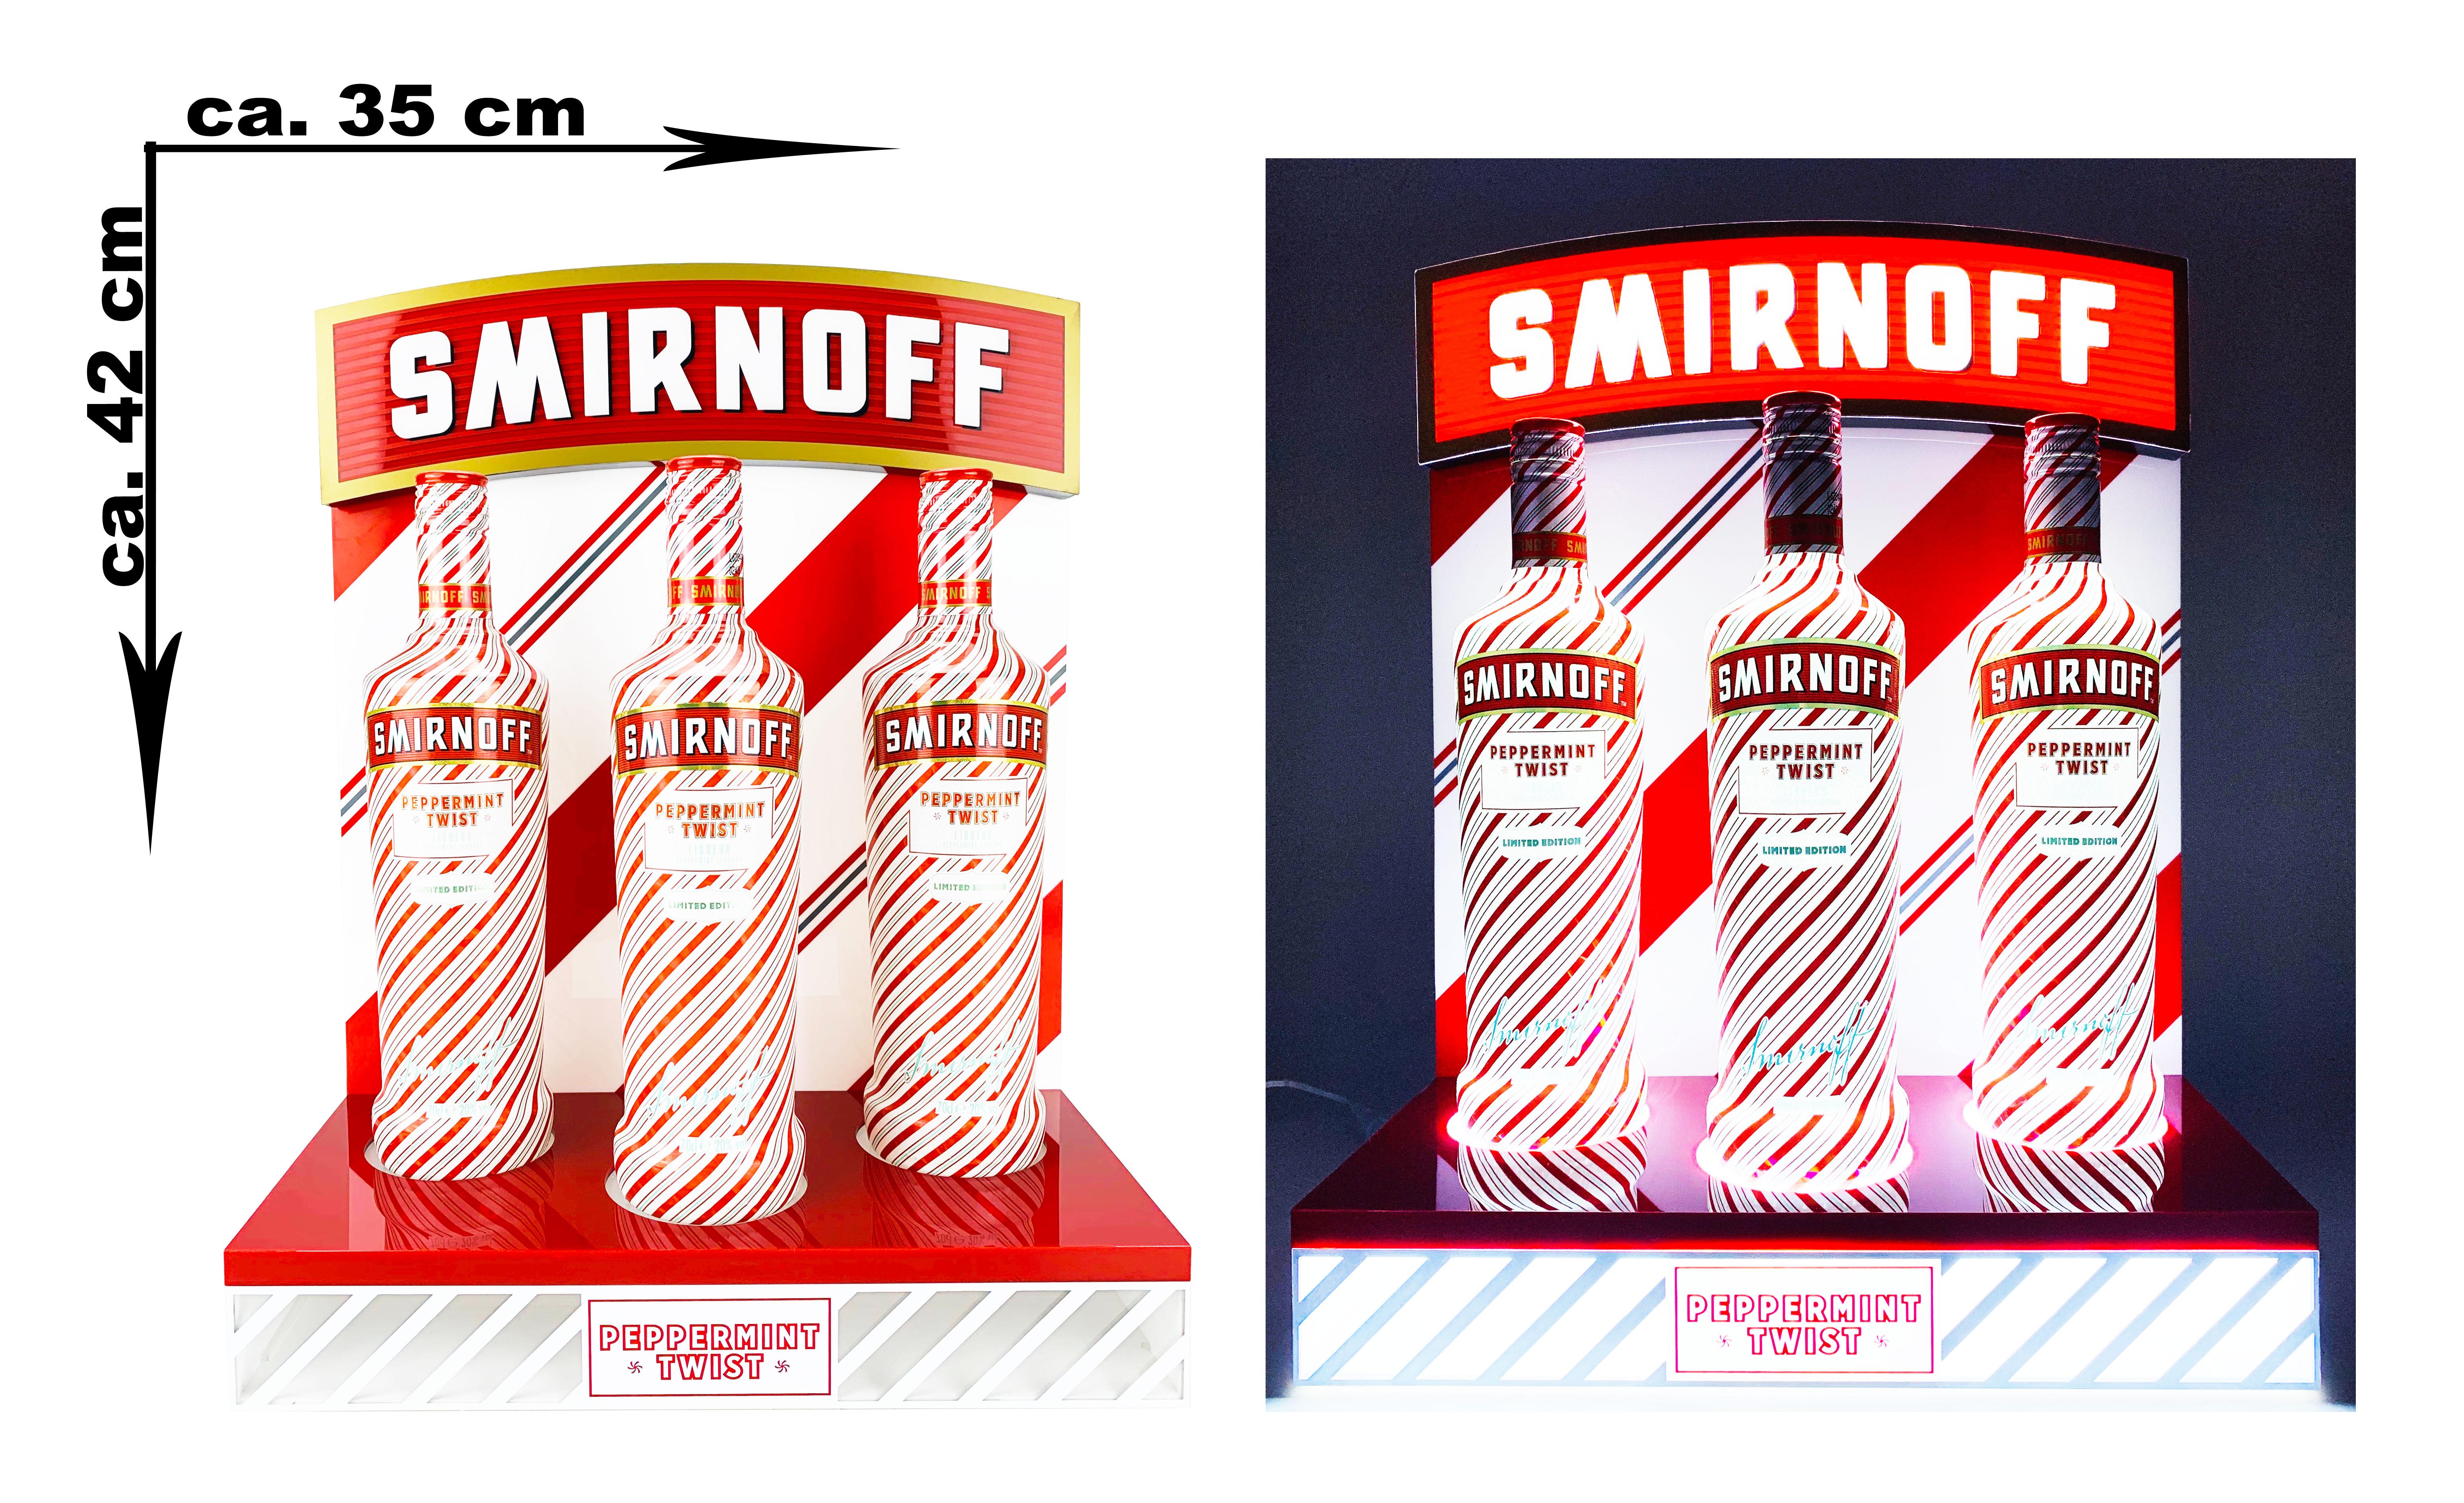 Smirnoff Wodka Vodka Leuchtschild Werbeschild OHNE FLASCHEN Werbetafel Leuchtreklame LED Beleuchtet mit Netzteil - ca. 42 x 35cm